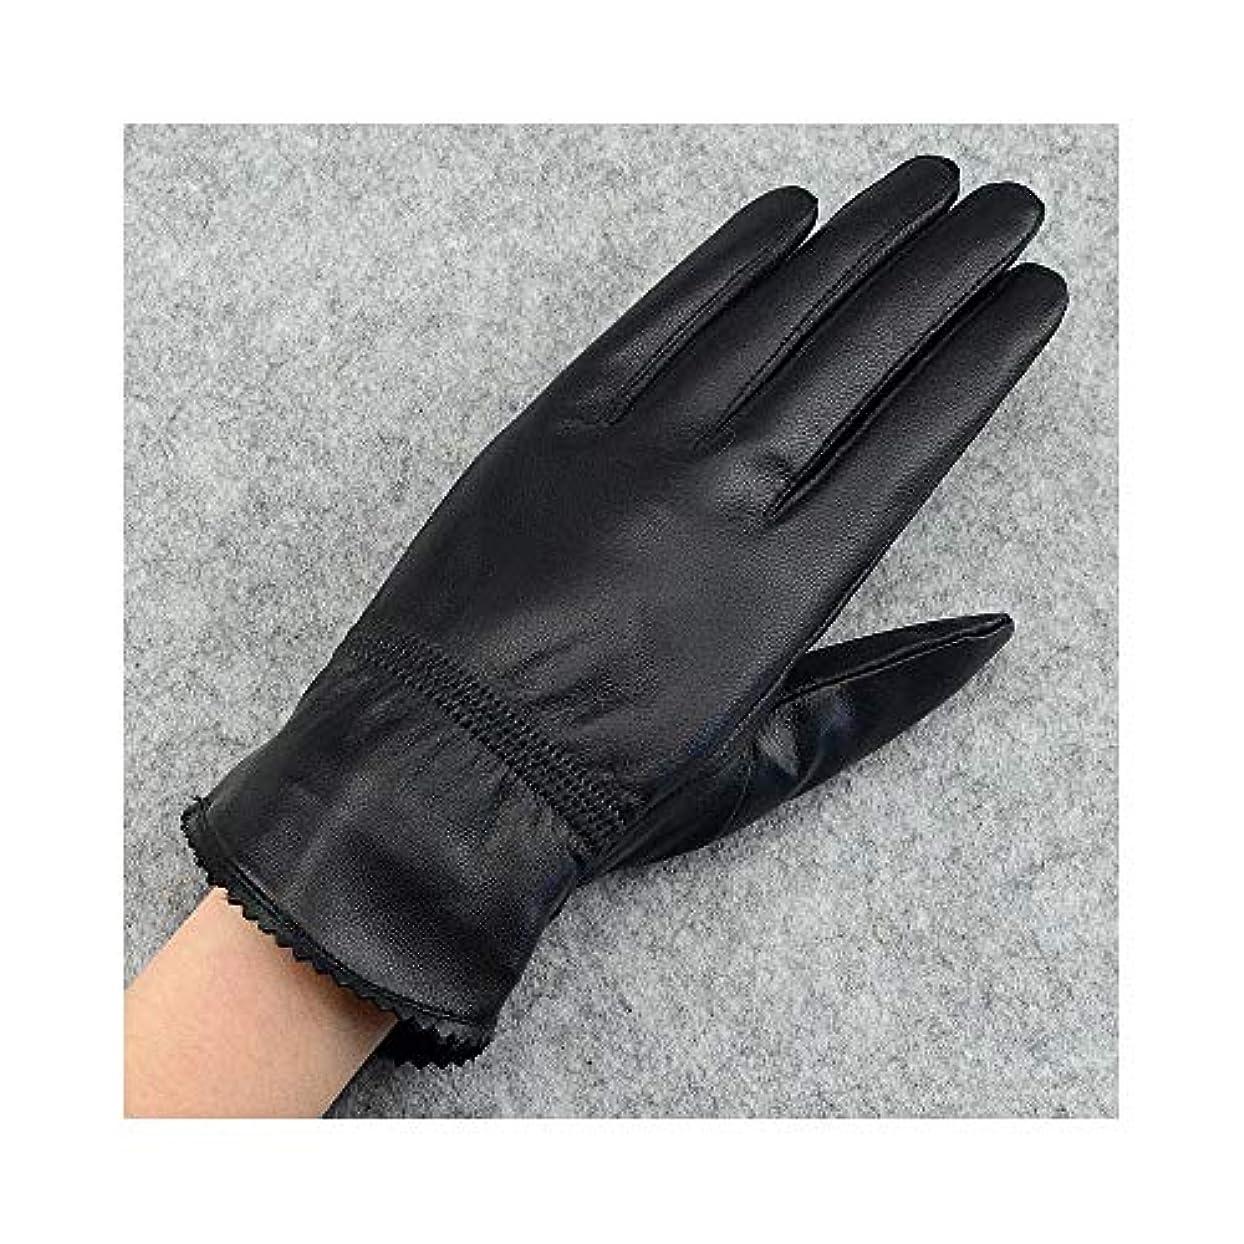 リマ無効冷えるBAJIMI 手袋 グローブ レディース/メンズ ハンド ケア ファッション女性の革の手袋は、秋と冬の暖かい冬の乗馬用手袋を厚くする 裏起毛 おしゃれ 手触りが良い 運転 耐磨耗性 換気性